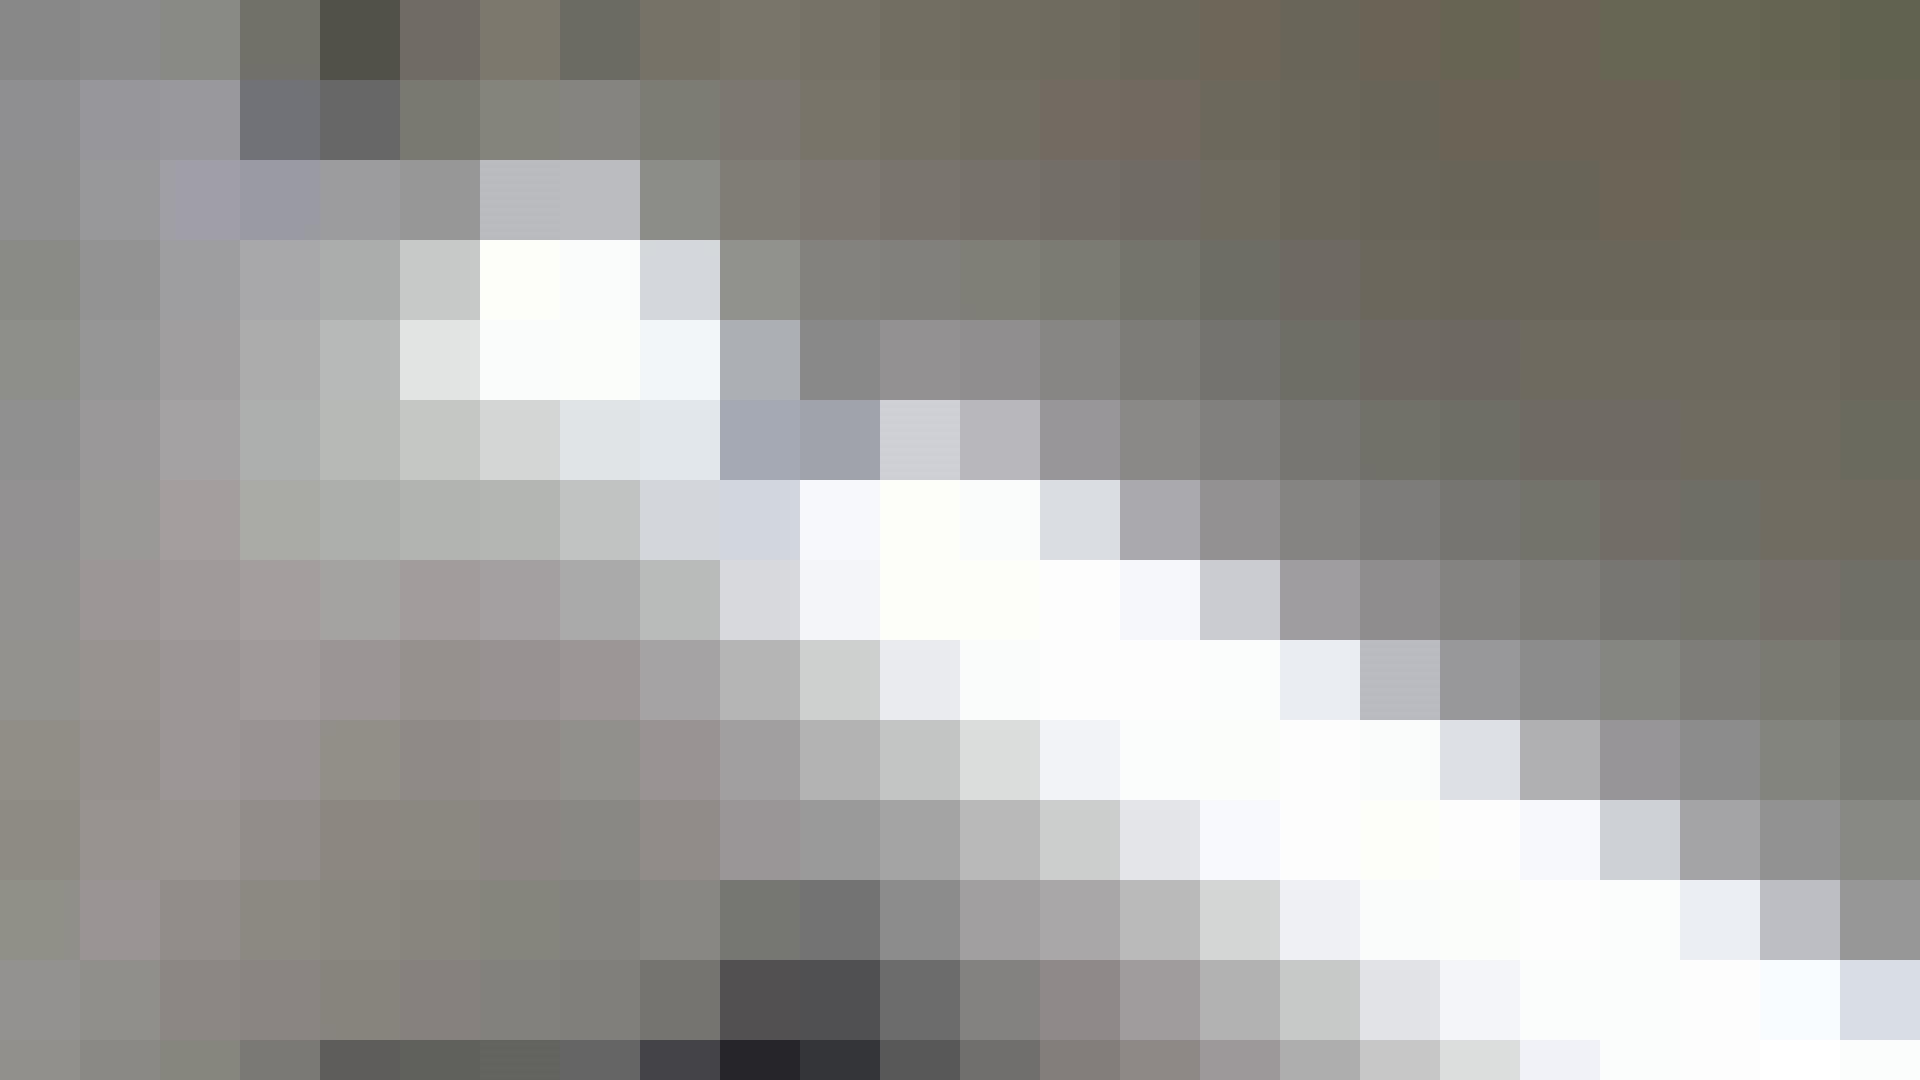 お市さんの「お尻丸出しジャンボリー」No.4 高画質 SEX無修正画像 104画像 44